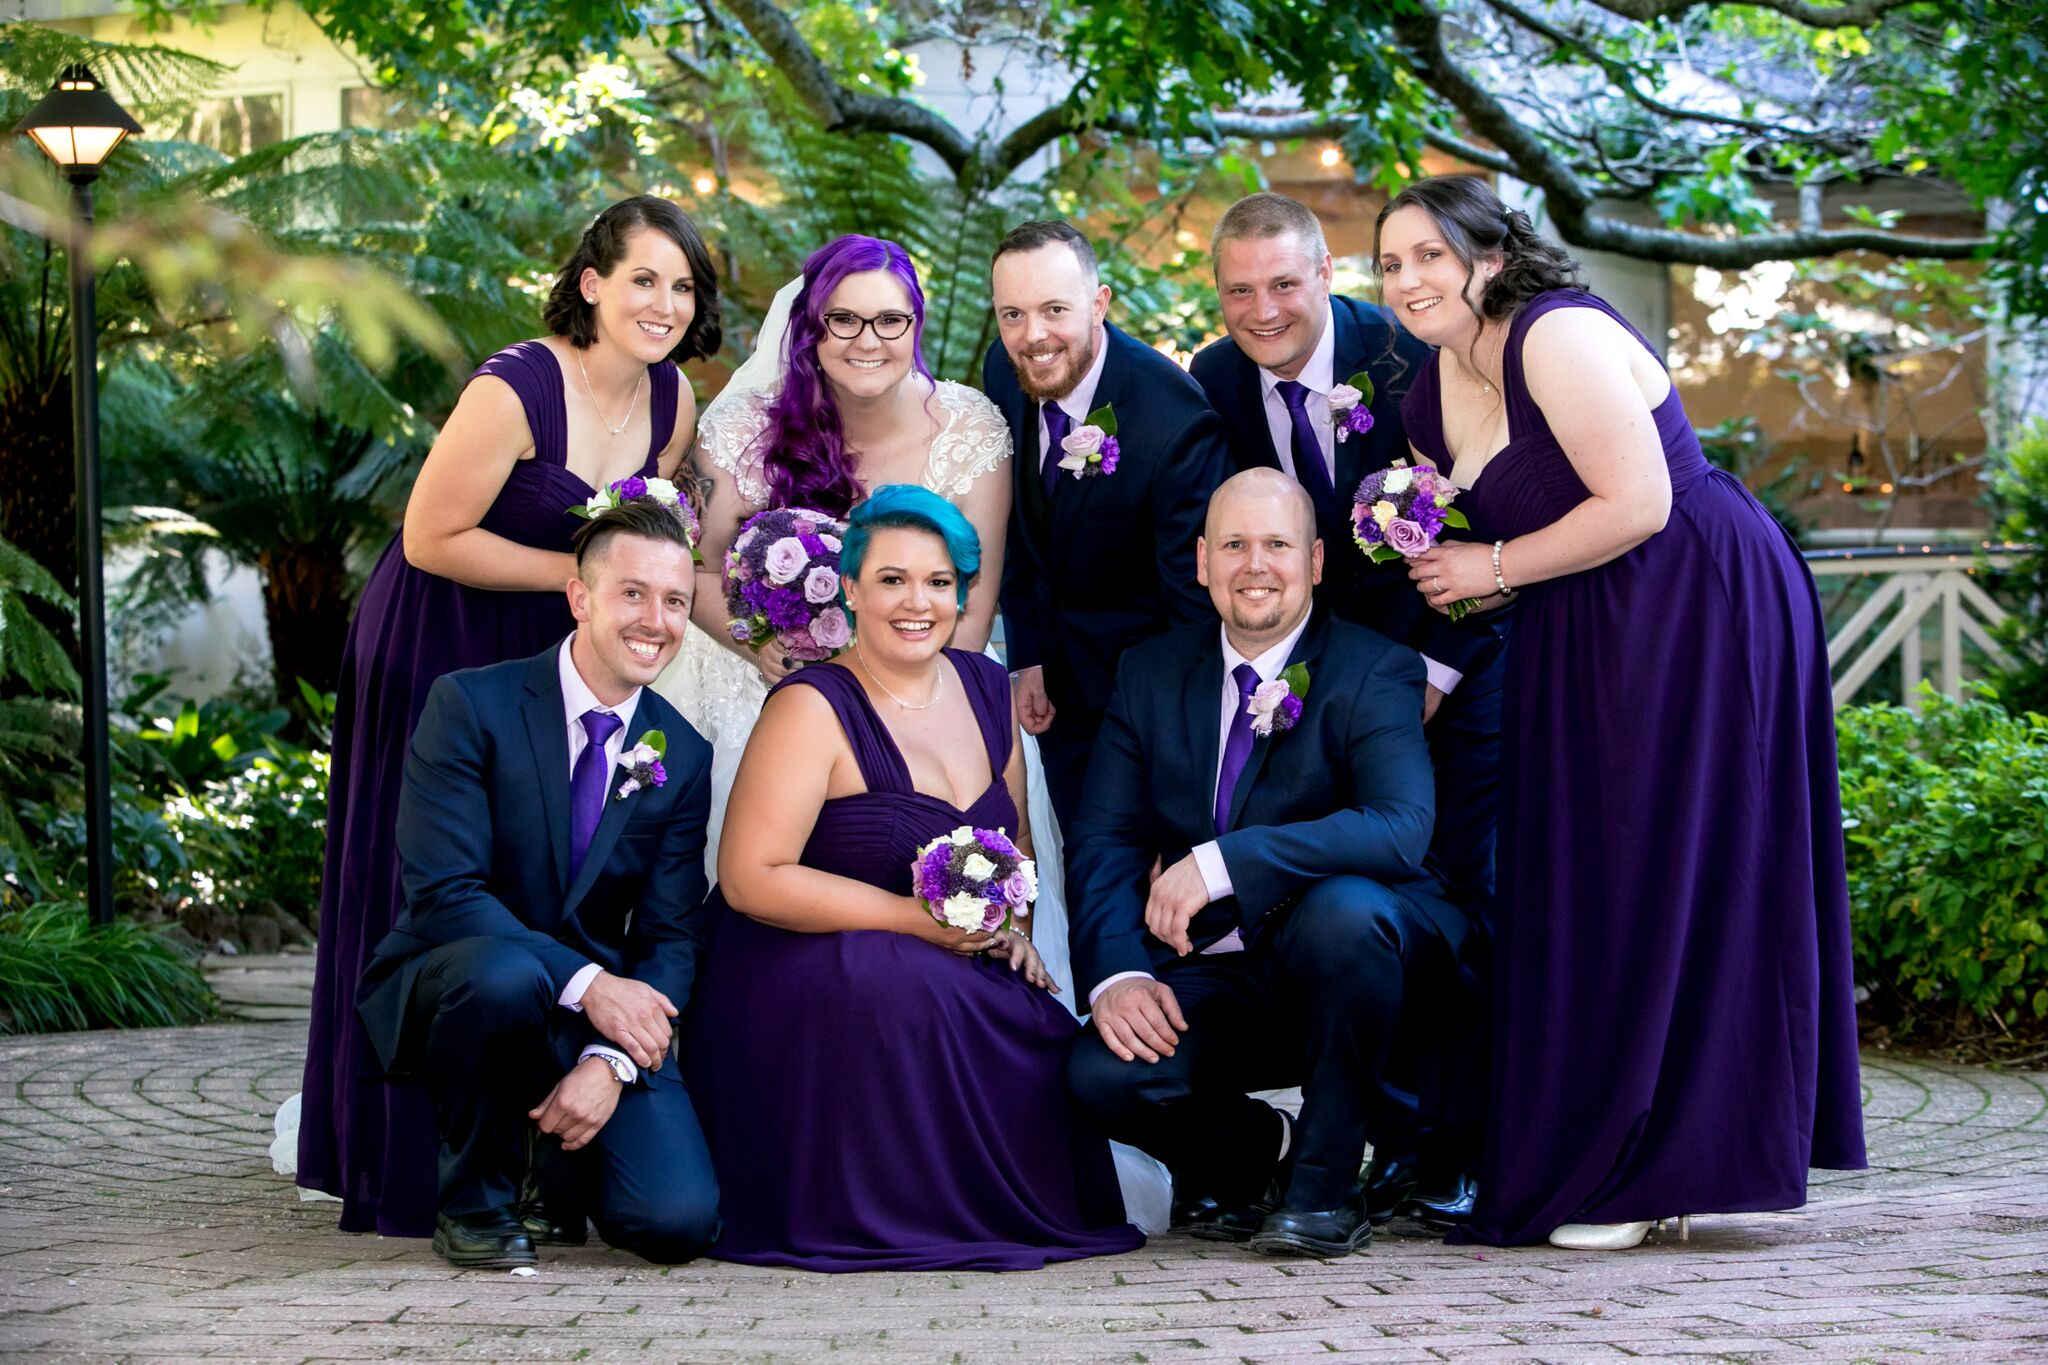 Poet's Lane Wedding Ceremony Celebrant